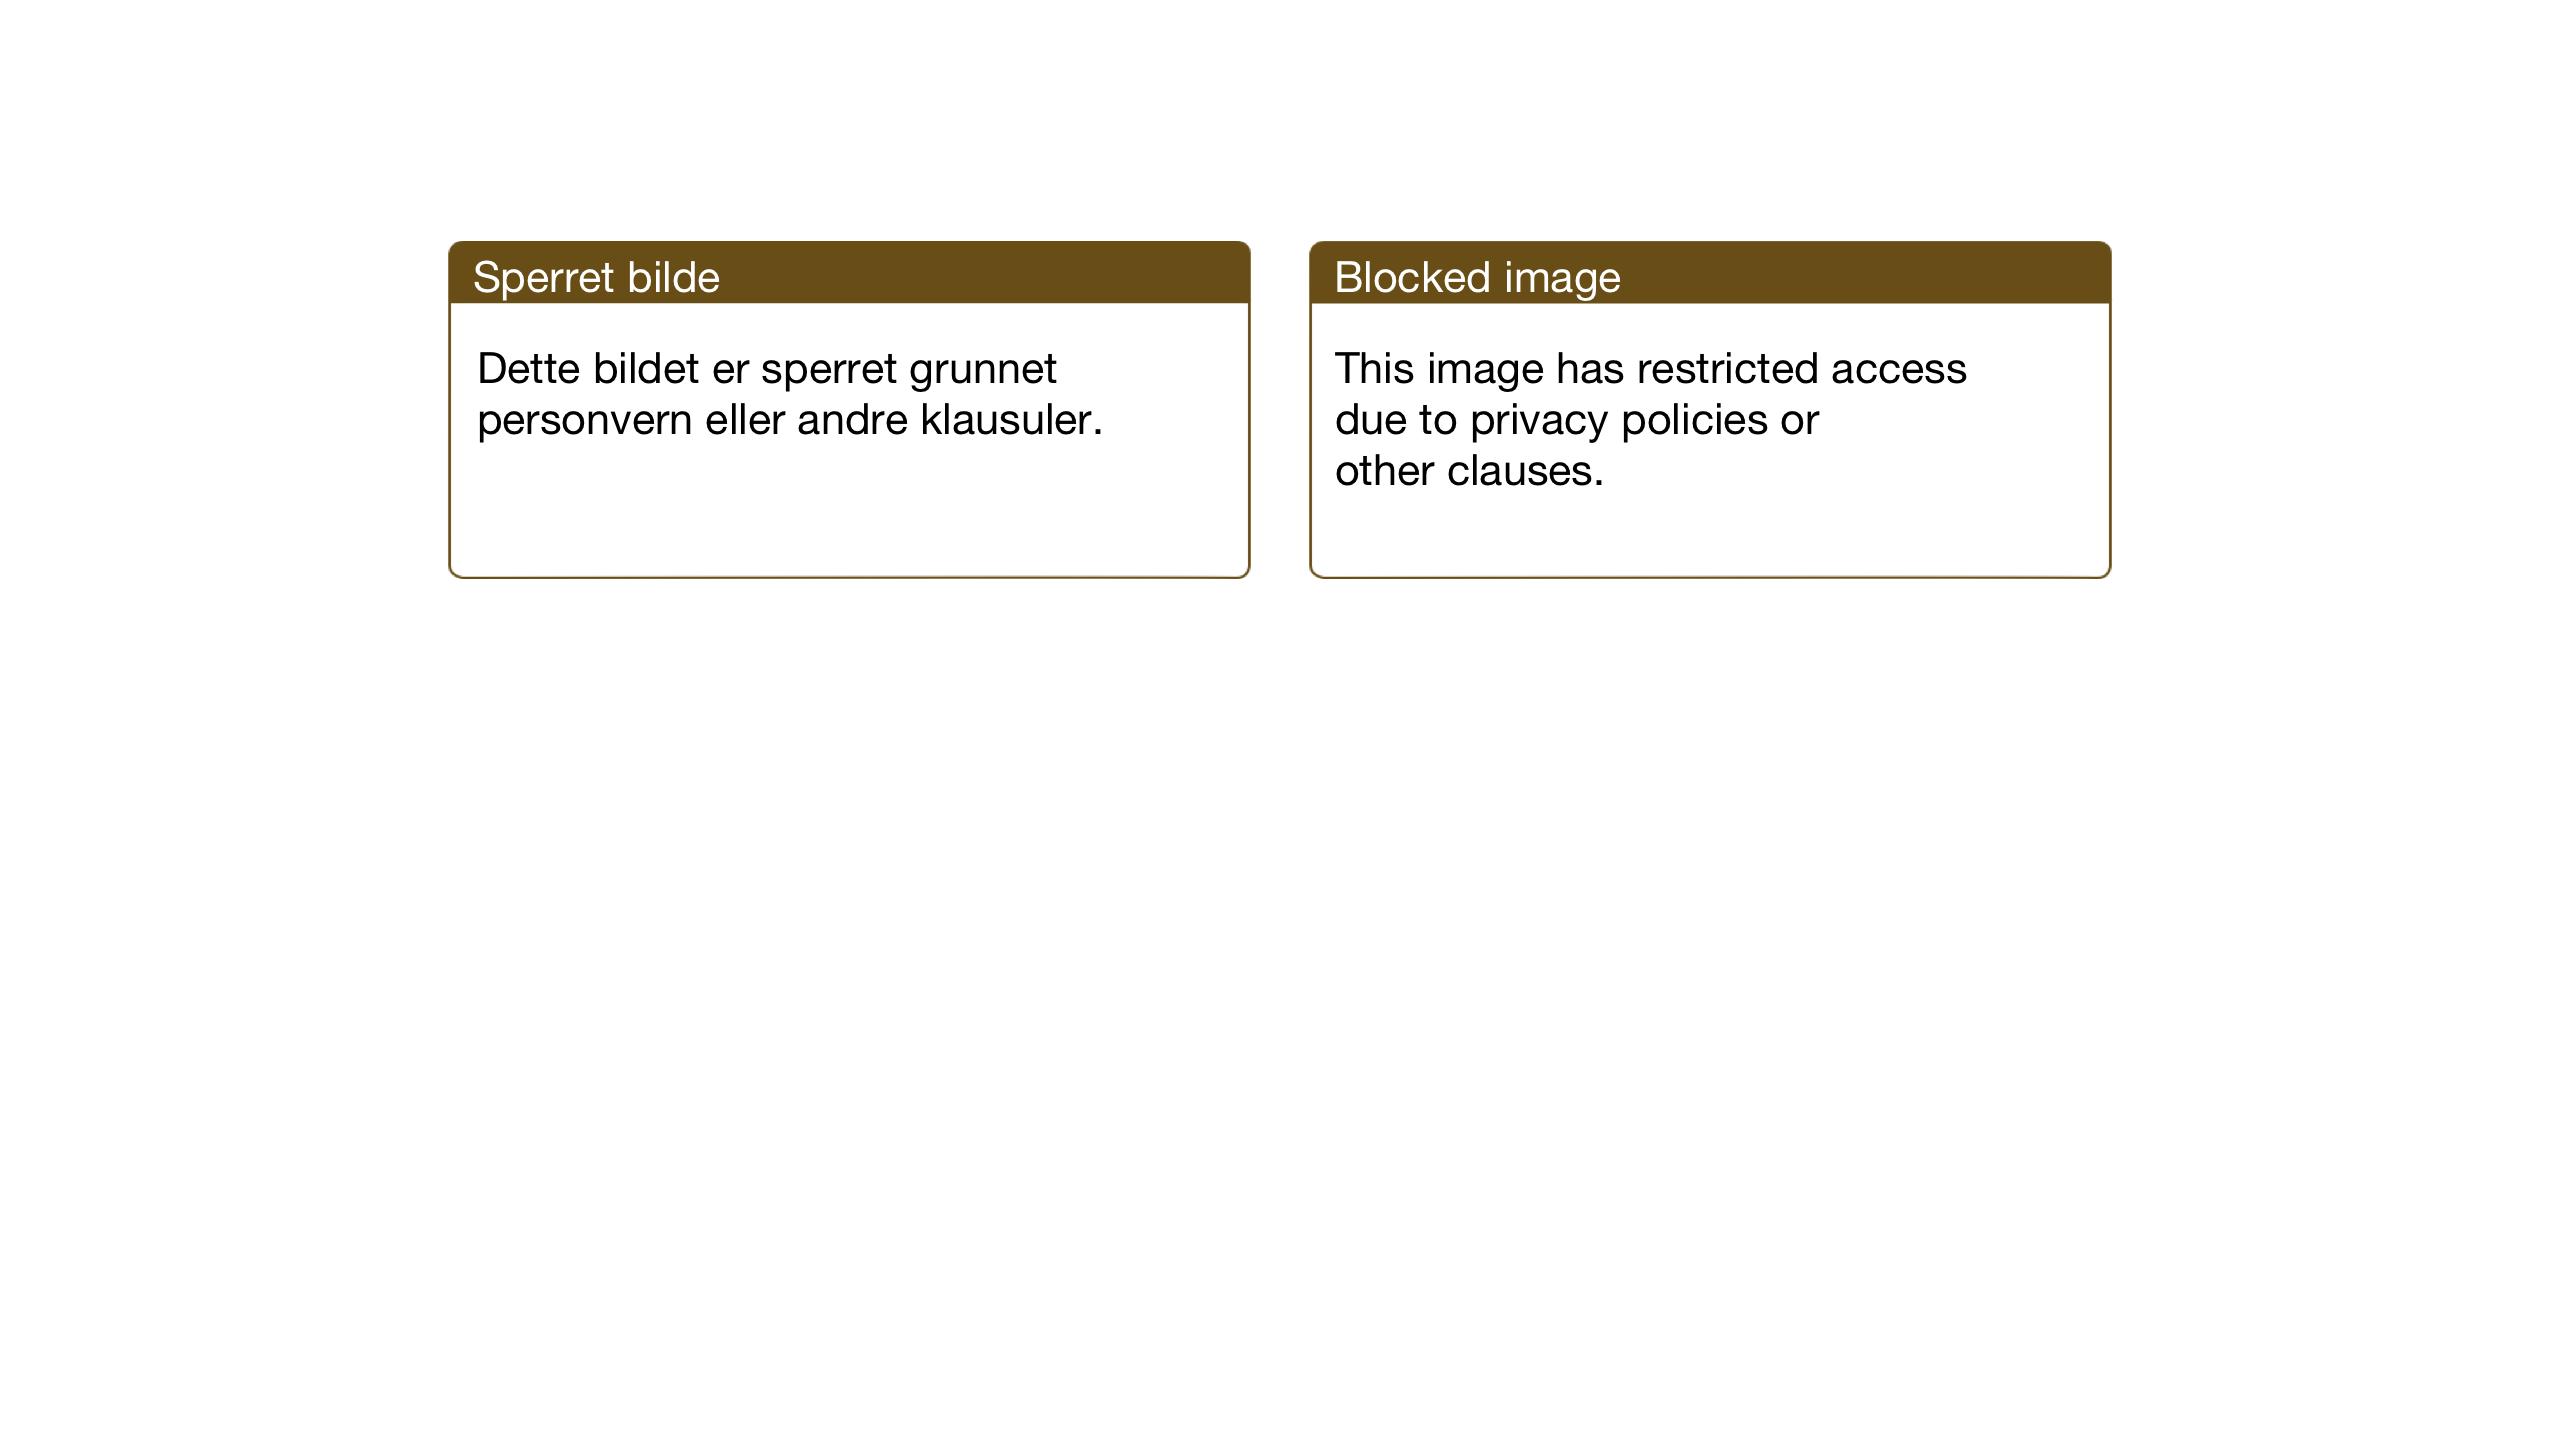 SAT, Ministerialprotokoller, klokkerbøker og fødselsregistre - Sør-Trøndelag, 633/L0521: Klokkerbok nr. 633C03, 1921-1941, s. 52